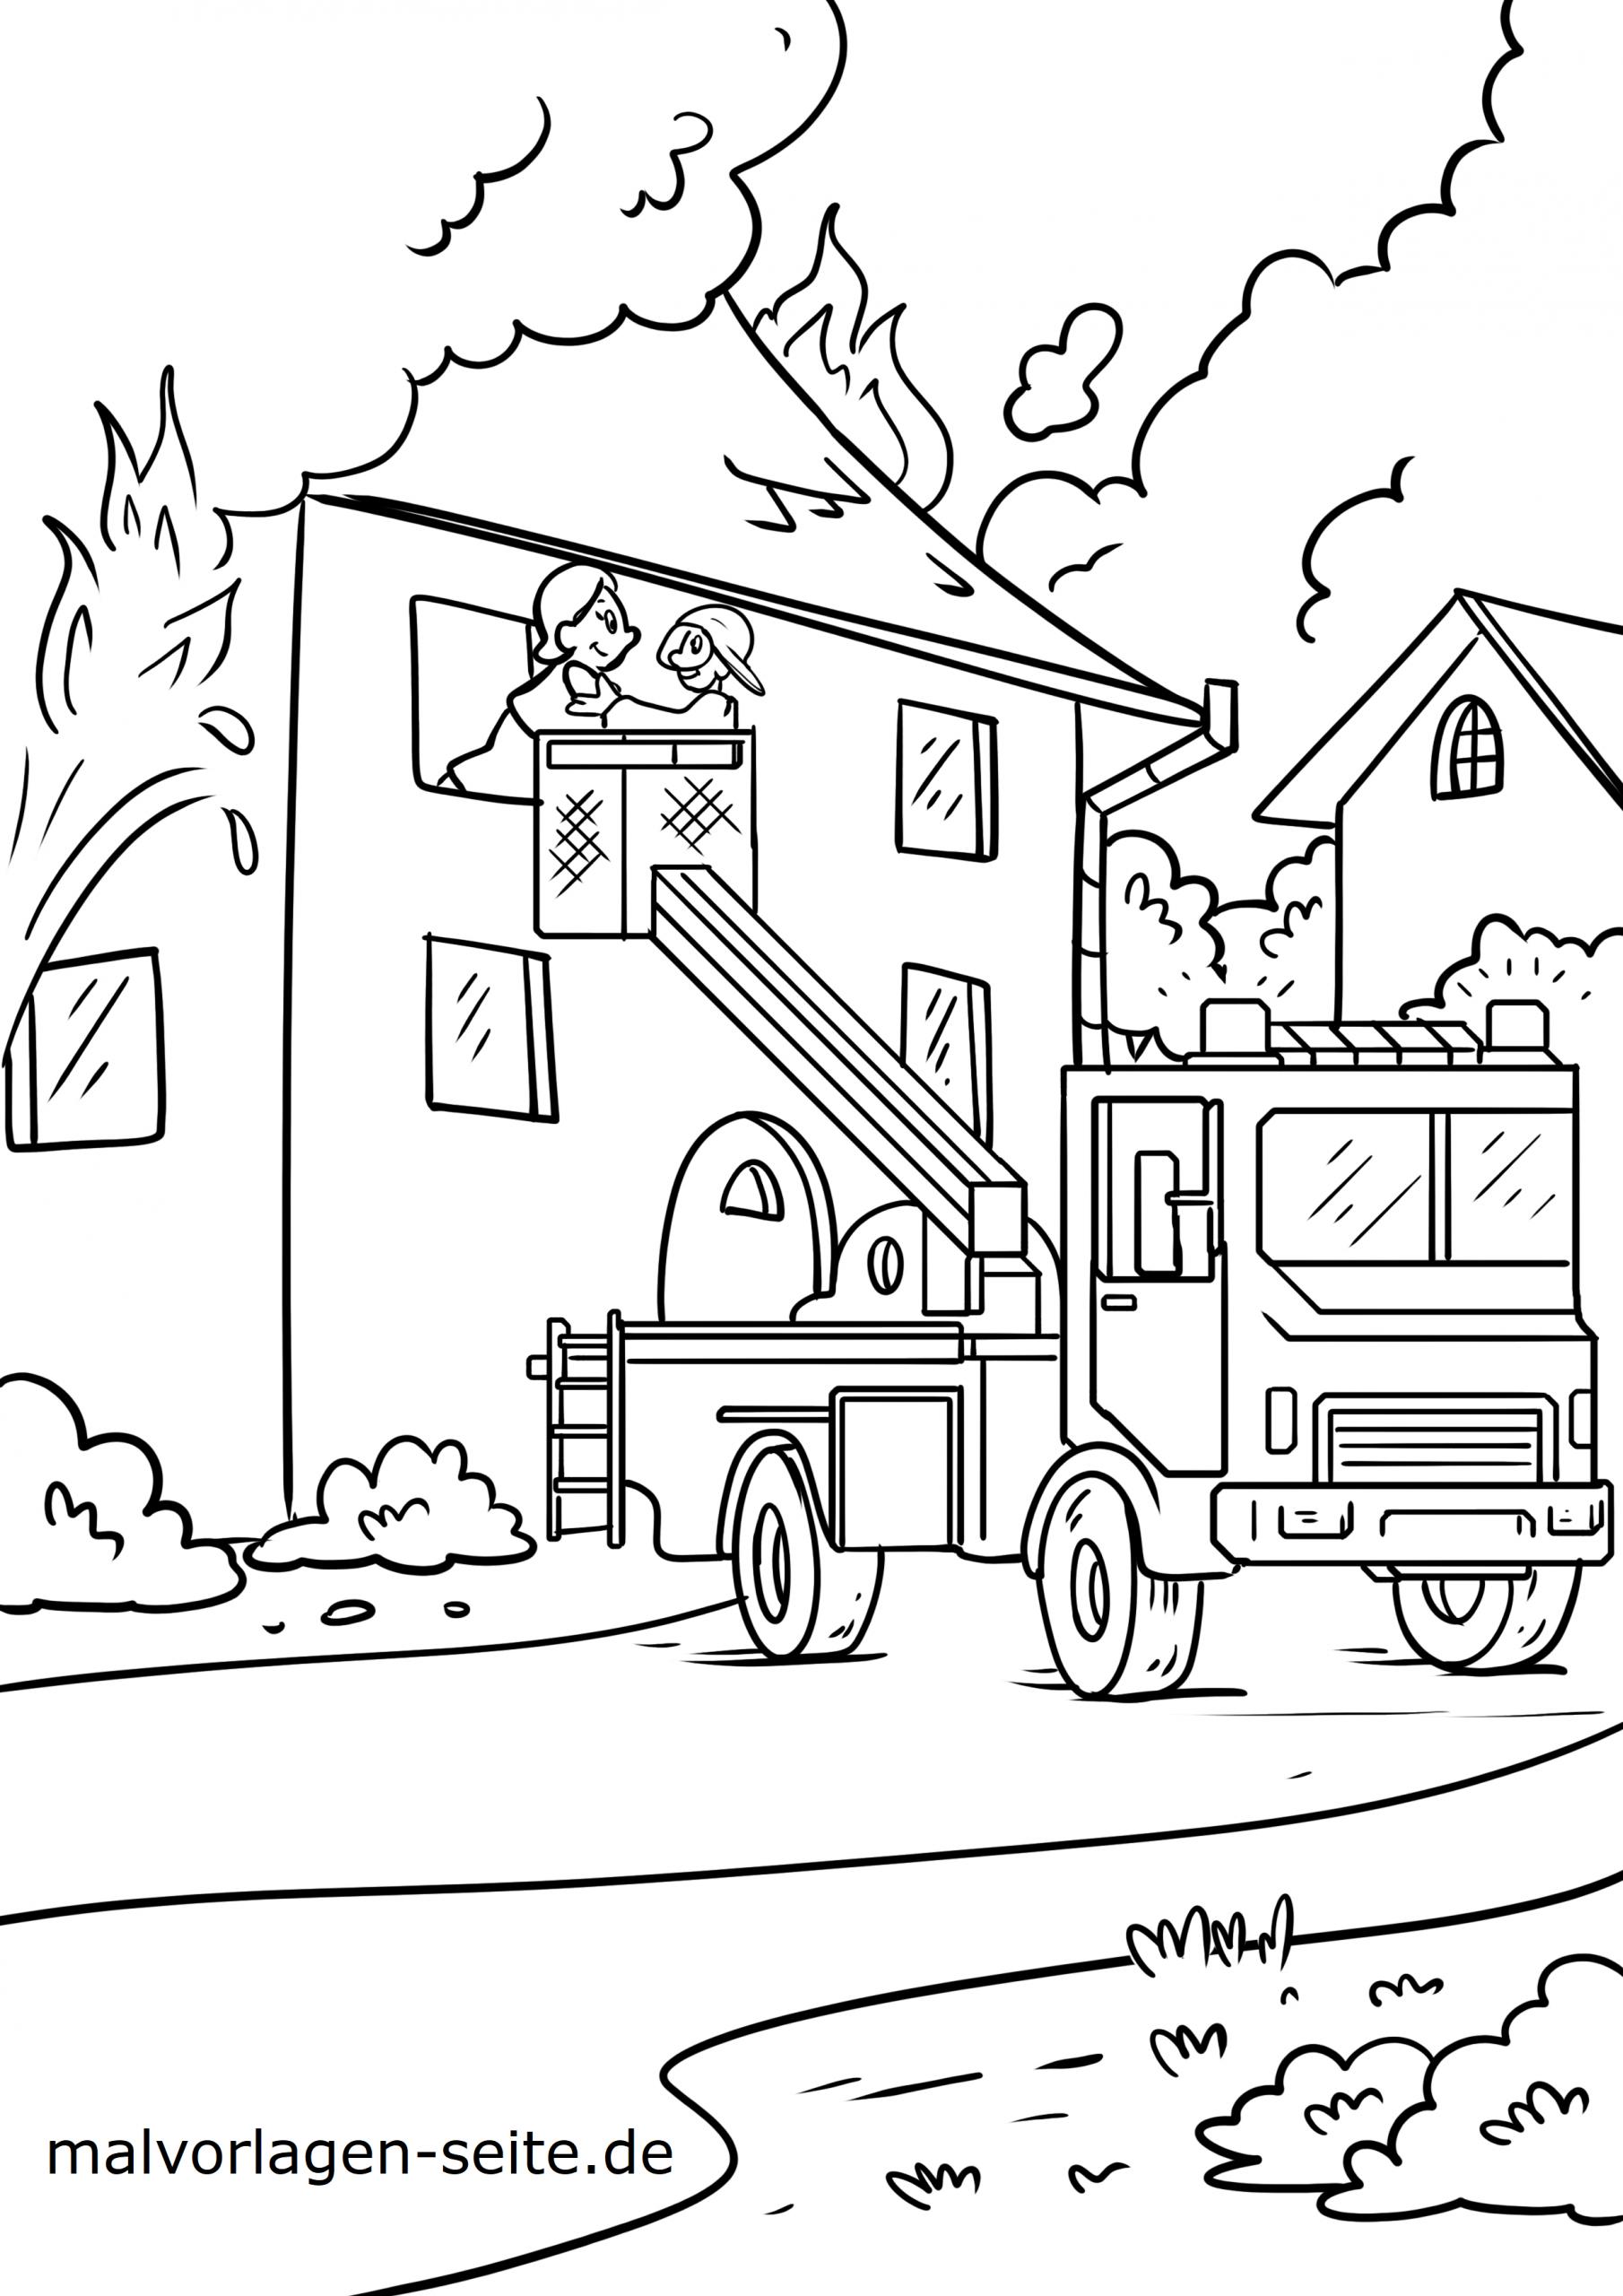 Malvorlage Feuerwehr - Ausmalbilder Kostenlos Herunterladen innen Malvorlage Feuerwehr